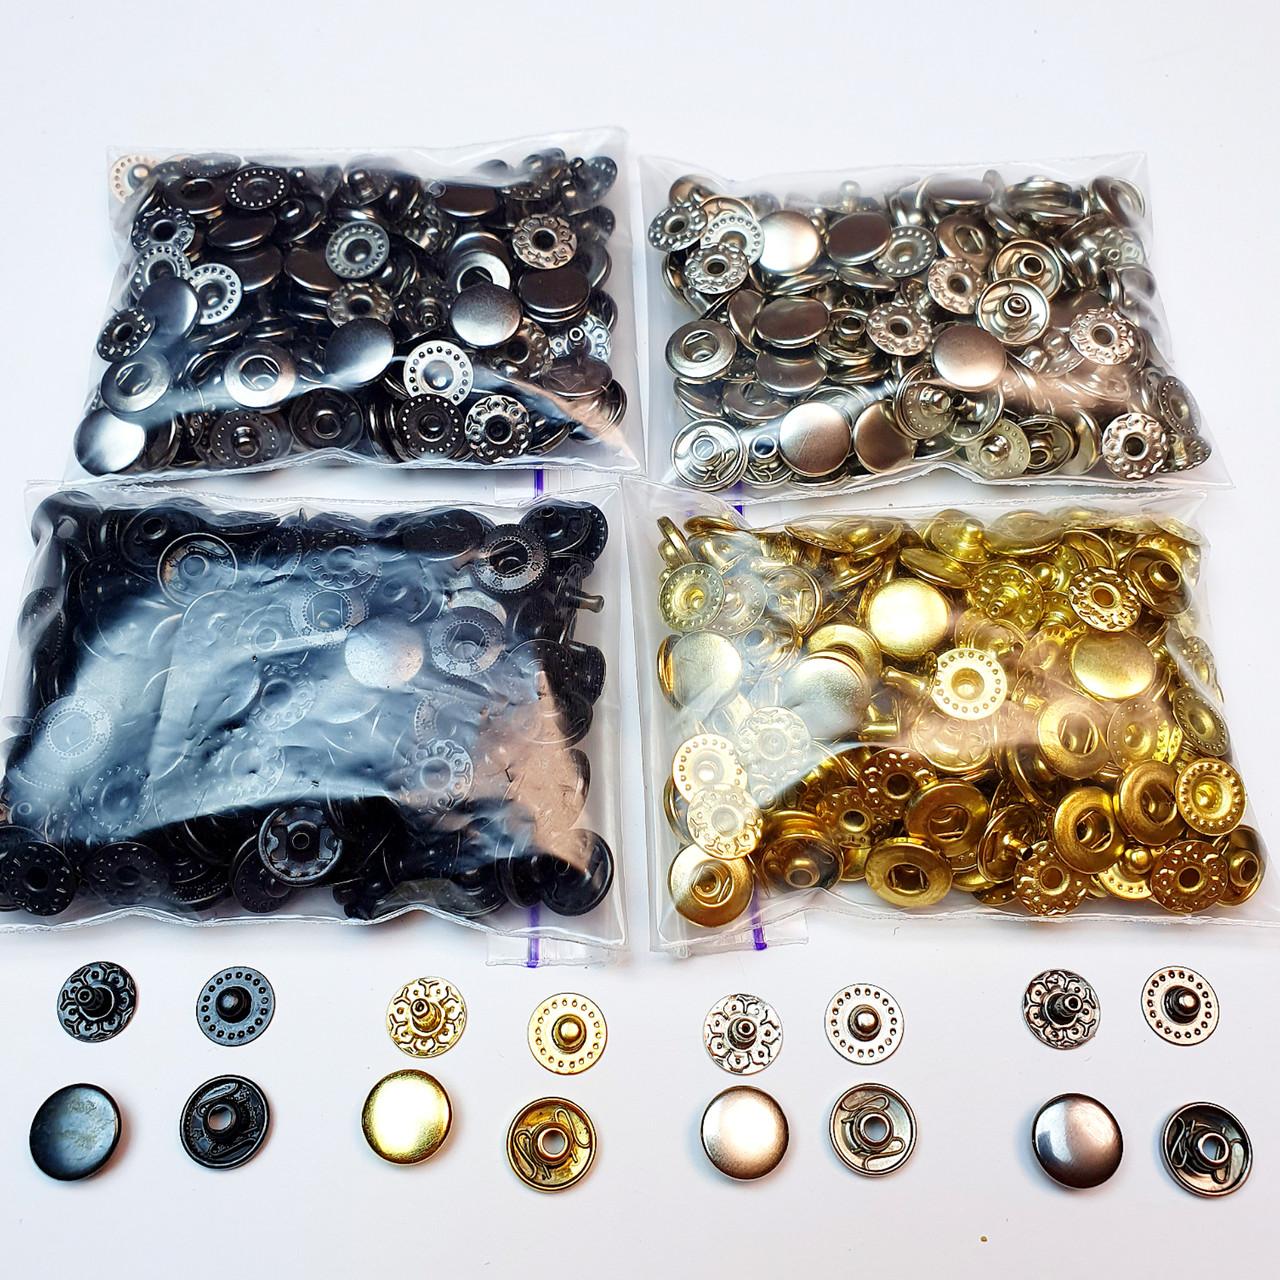 Кнопки для одежды Альфа 10.5мм. (VT-2),Кнопки для кошельков. ( 4 цвета по 25 шт.)